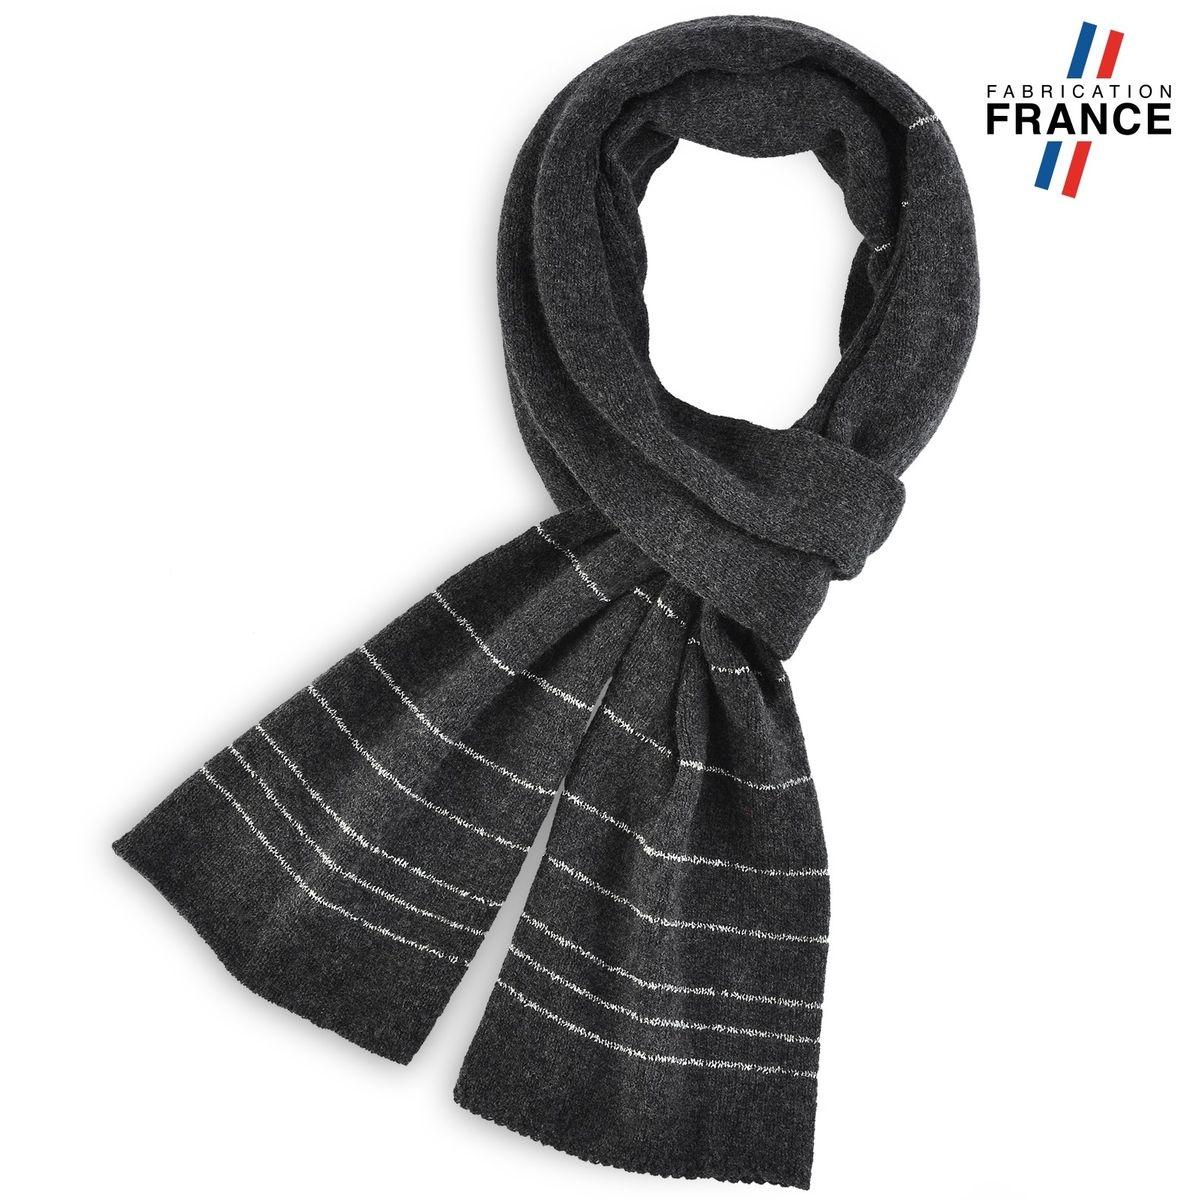 QUALICOQ Echarpe DORINE Noire - Fabriqué en France 06ffca44554